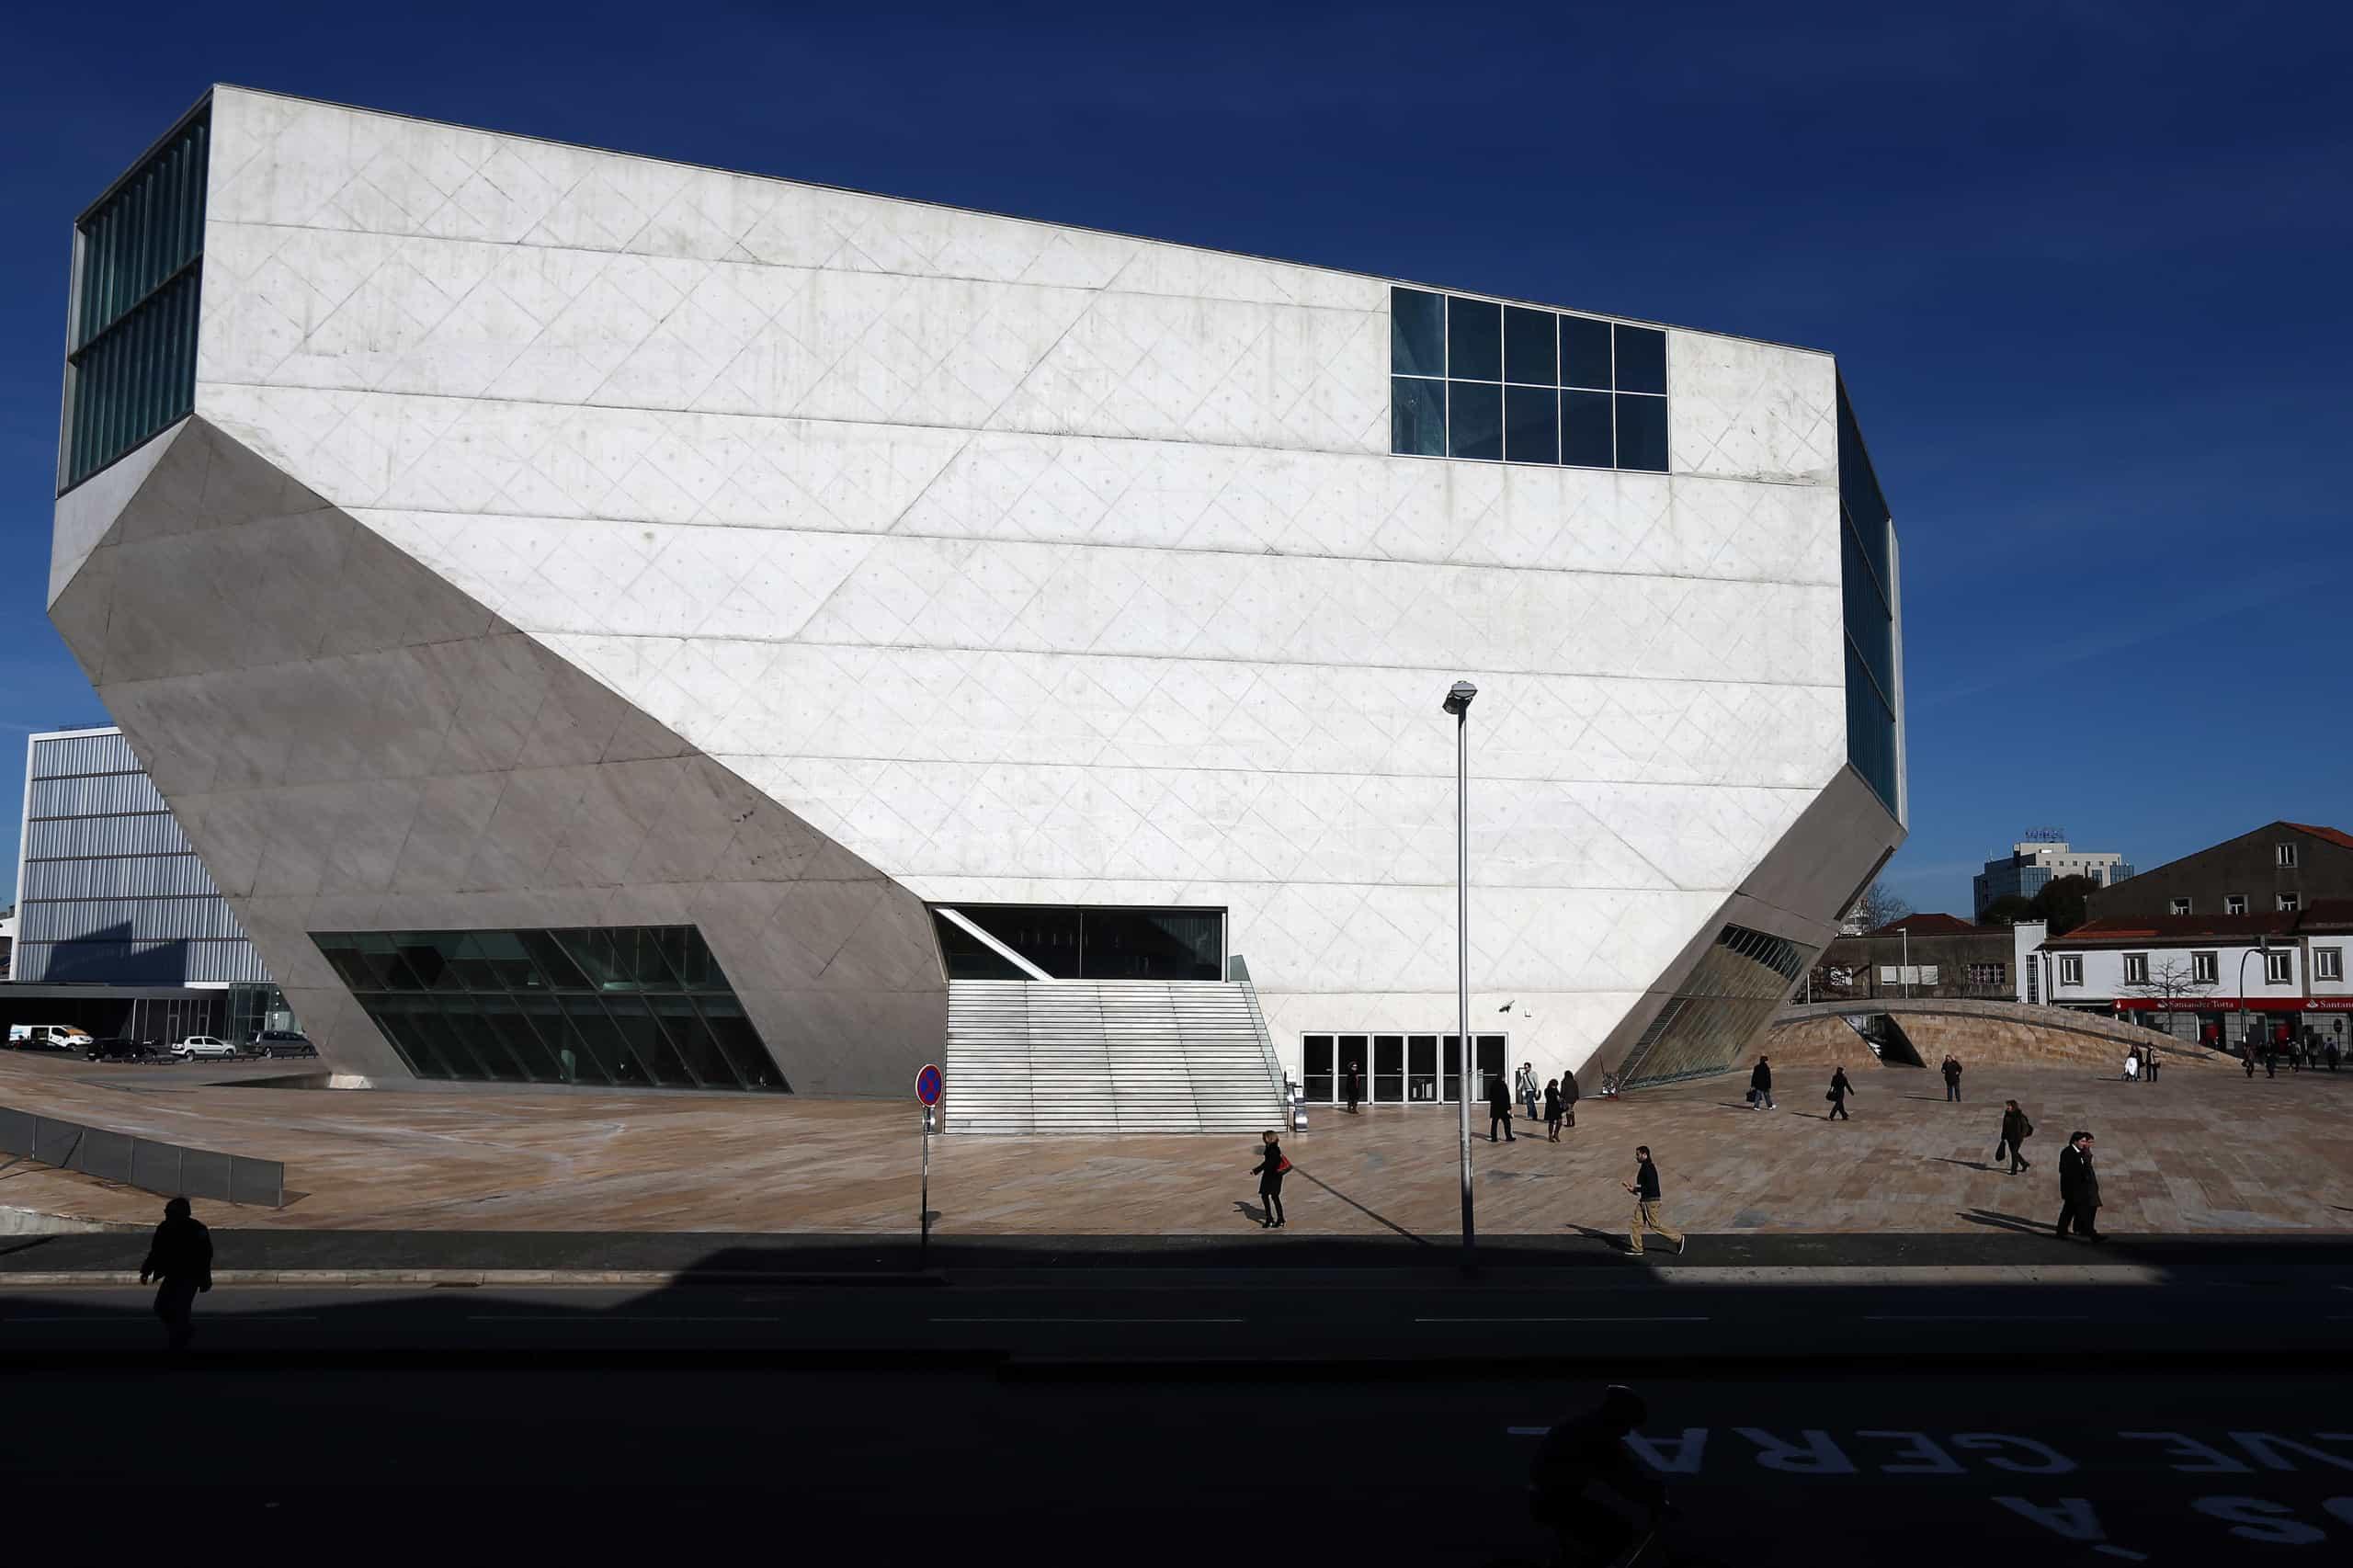 Casa da Música recebe estreia ibérica de sinfonia de Charles Ives